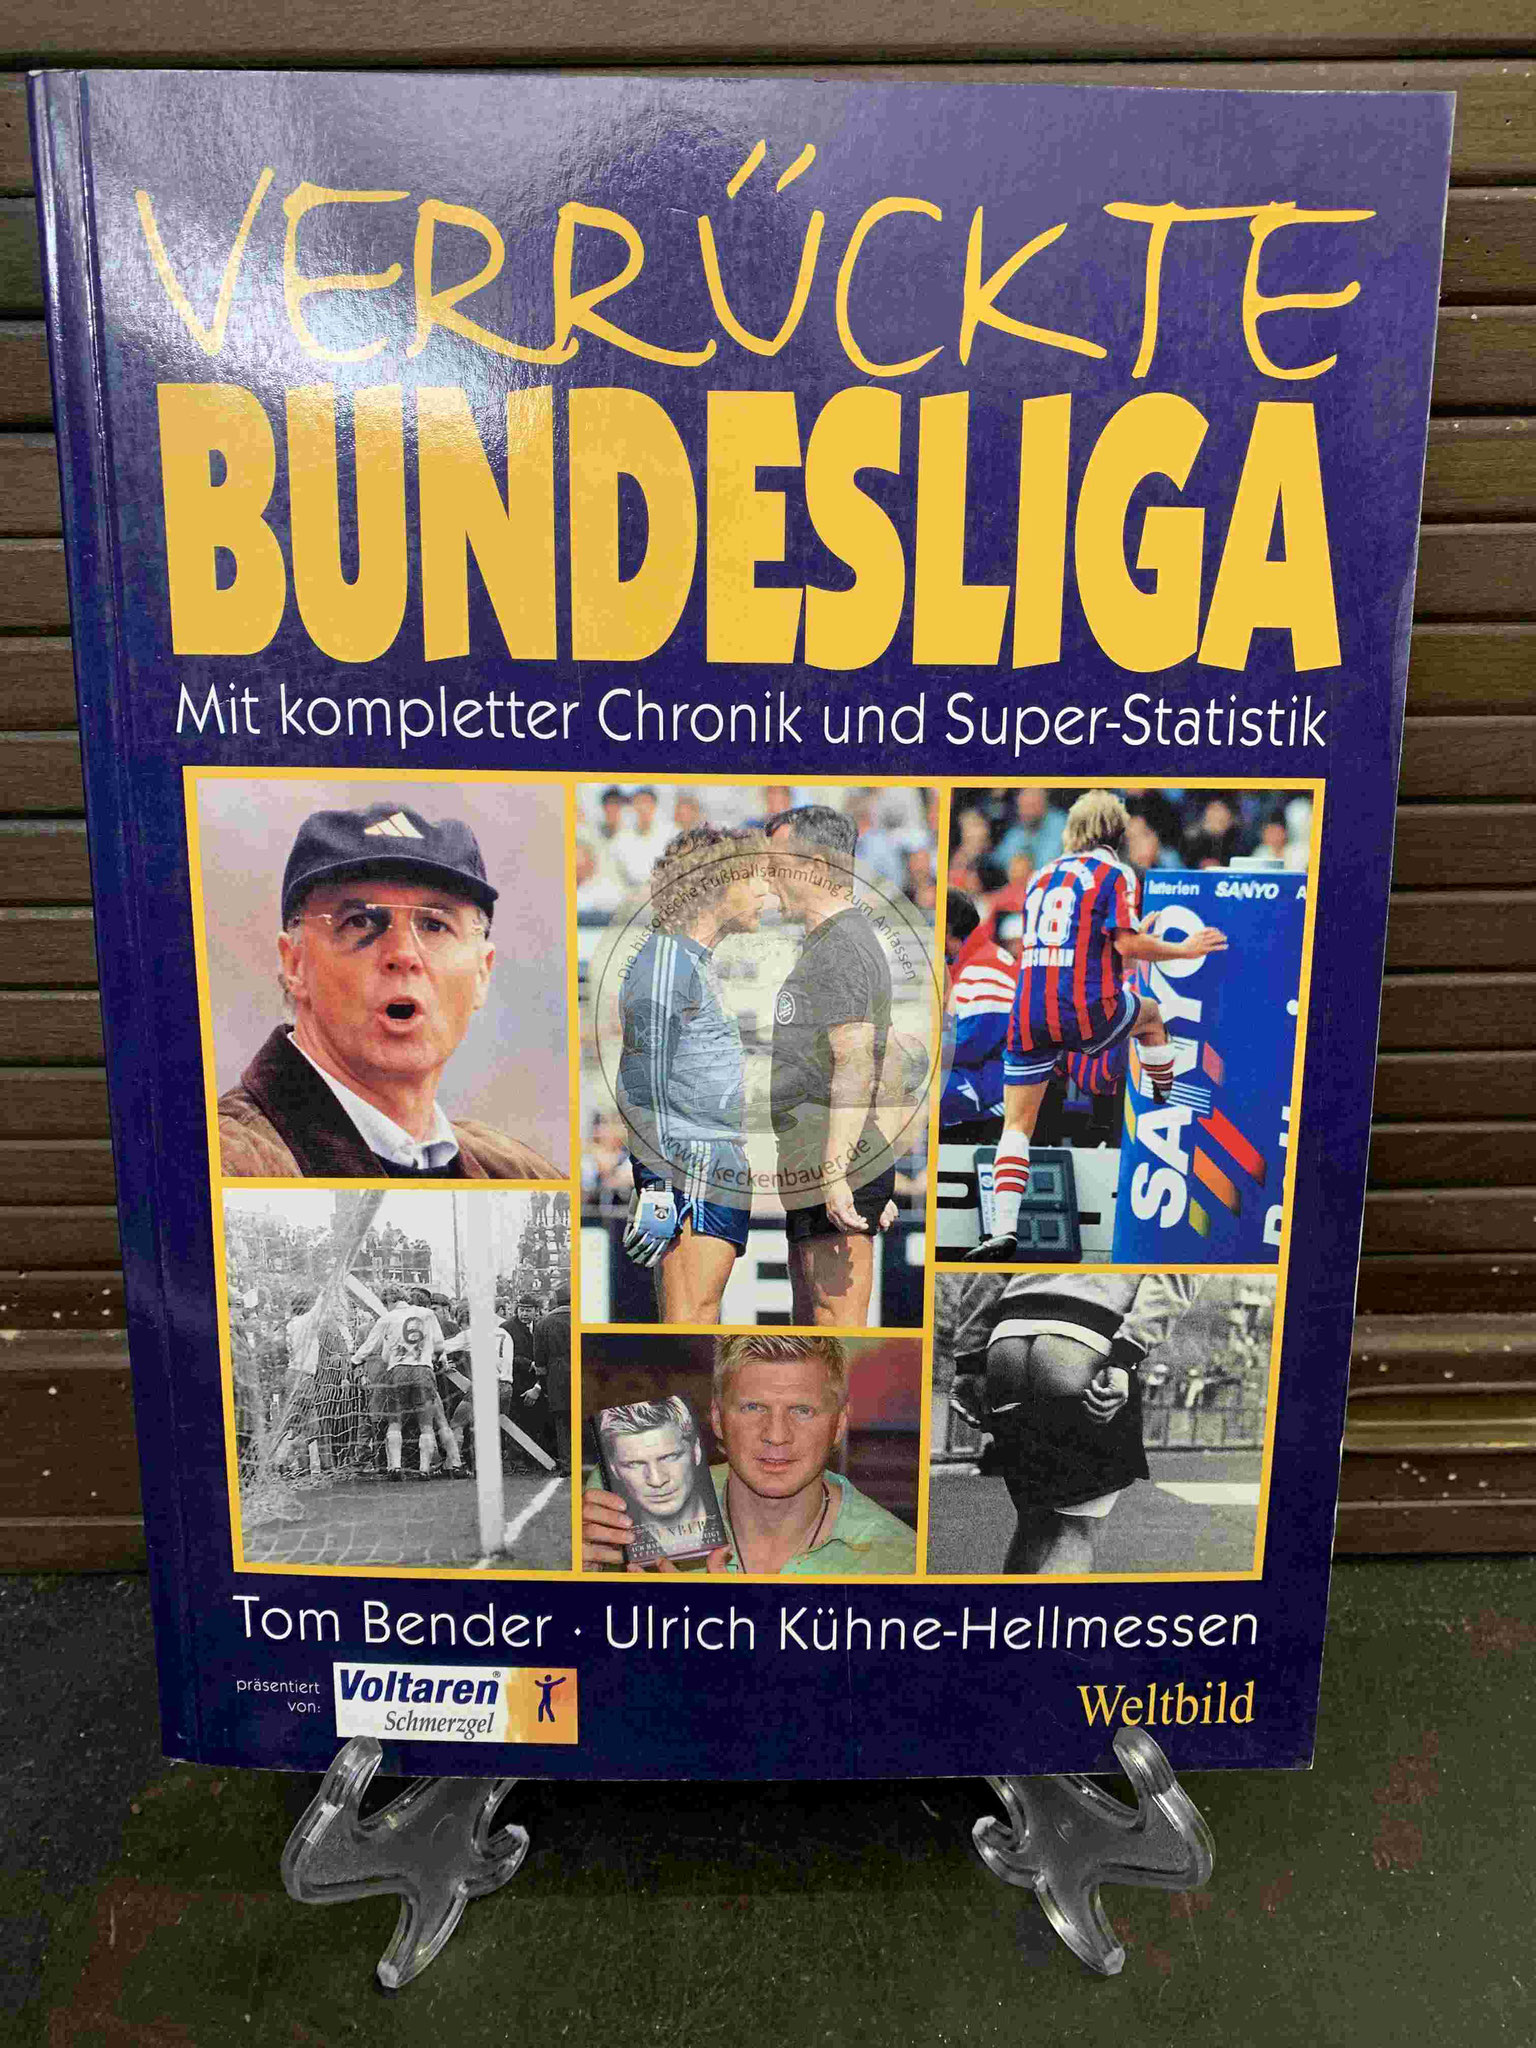 Verrückte Bundesliga mit kompletter Chronik und Super-Statistik von Tom Bender und Ulrich Kühne-Hellmessen im Weltbild Verlag aus dem Jahr 2003